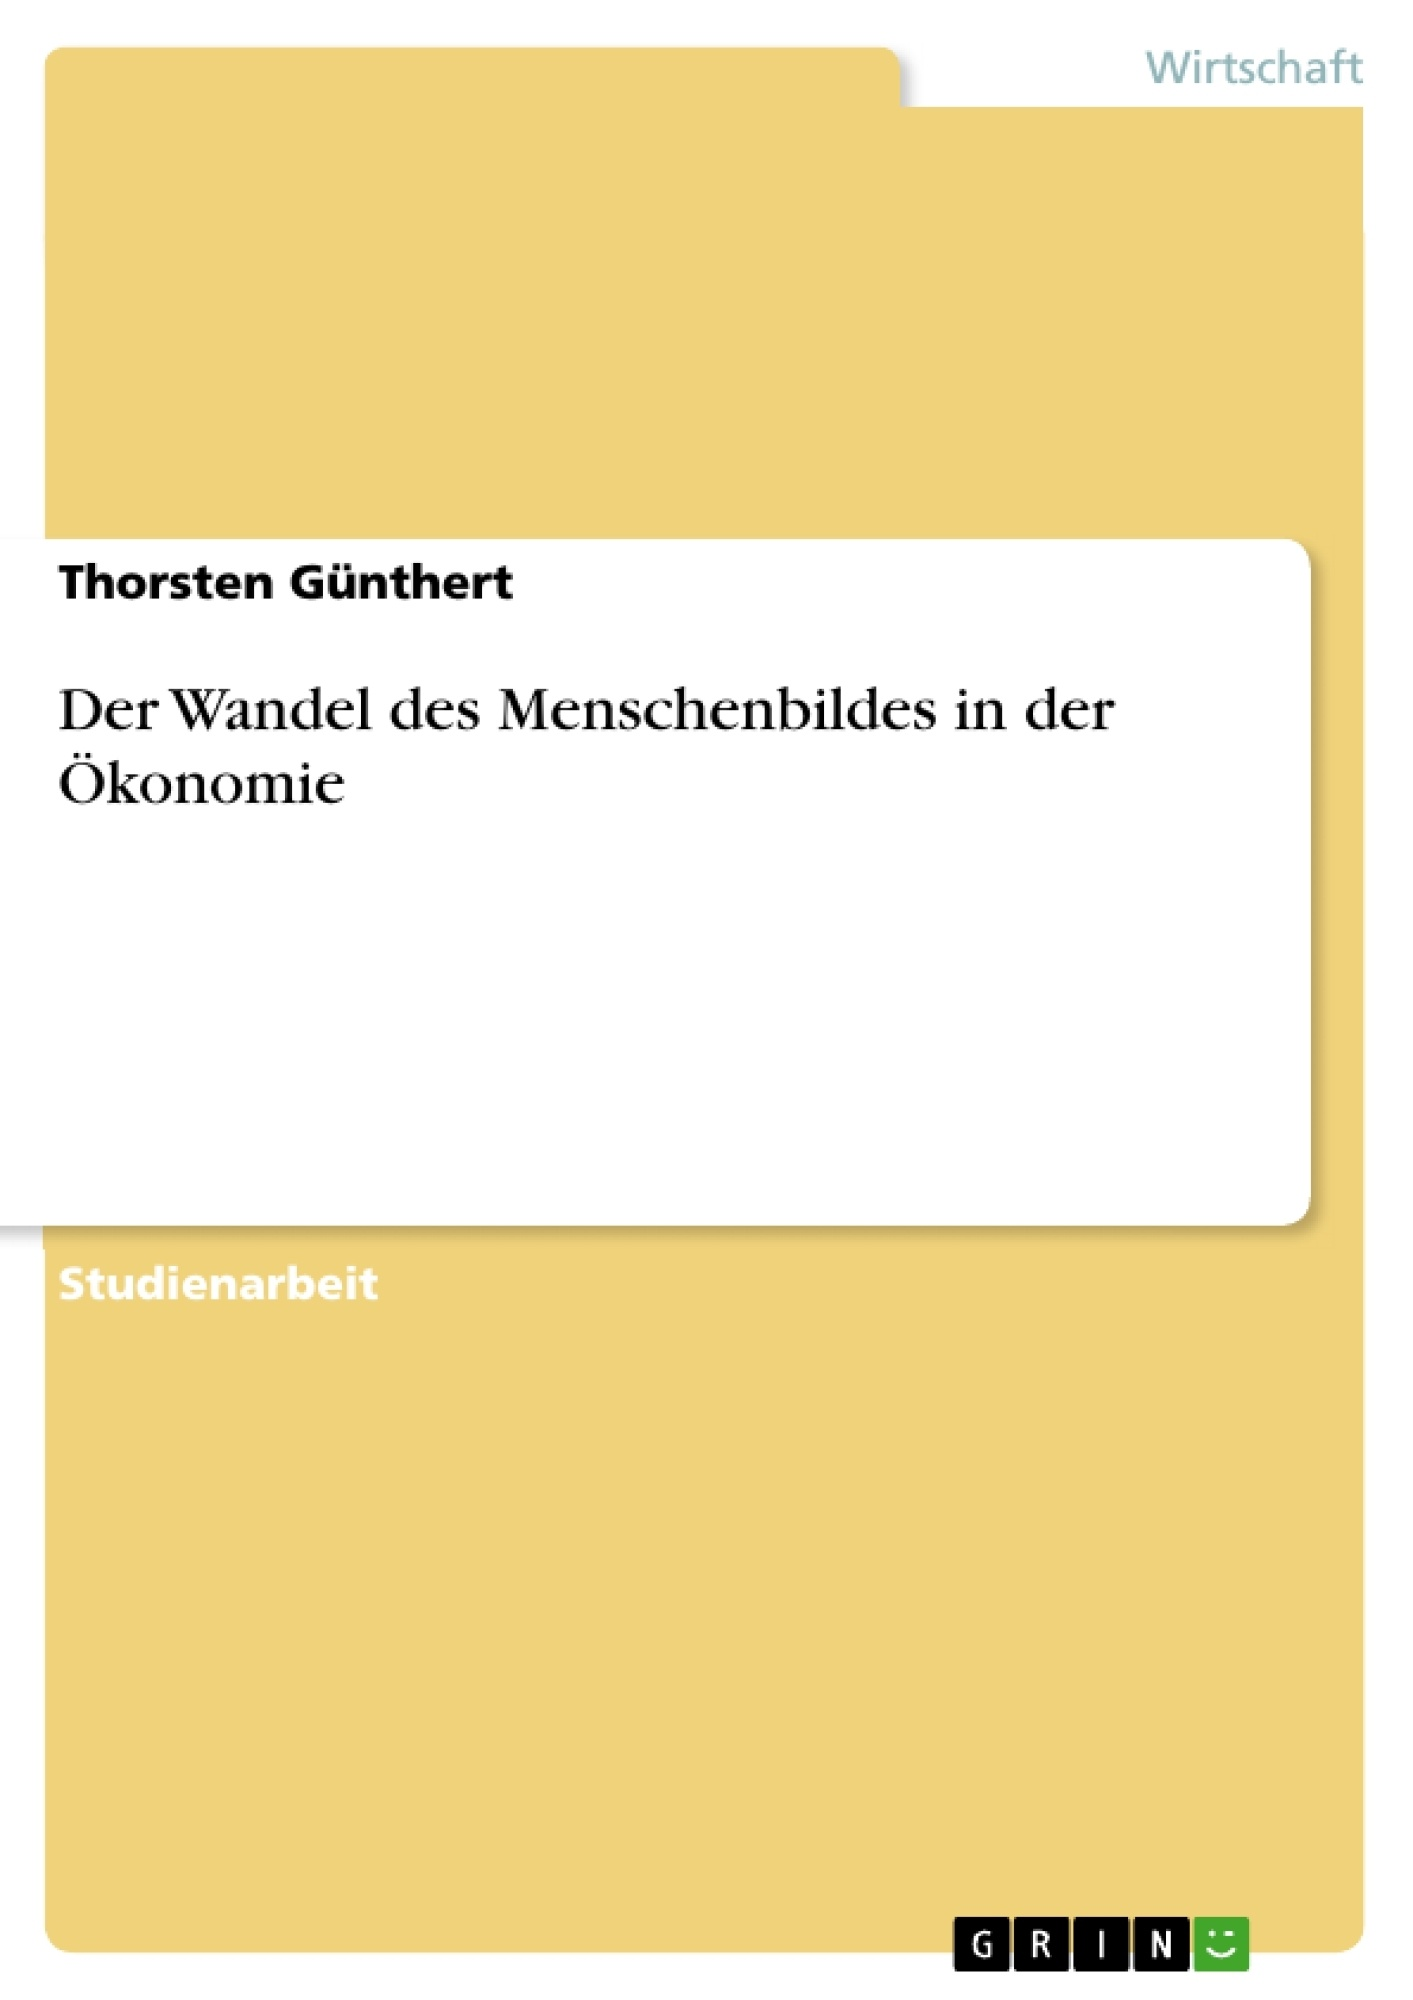 Titel: Der Wandel des Menschenbildes in der Ökonomie